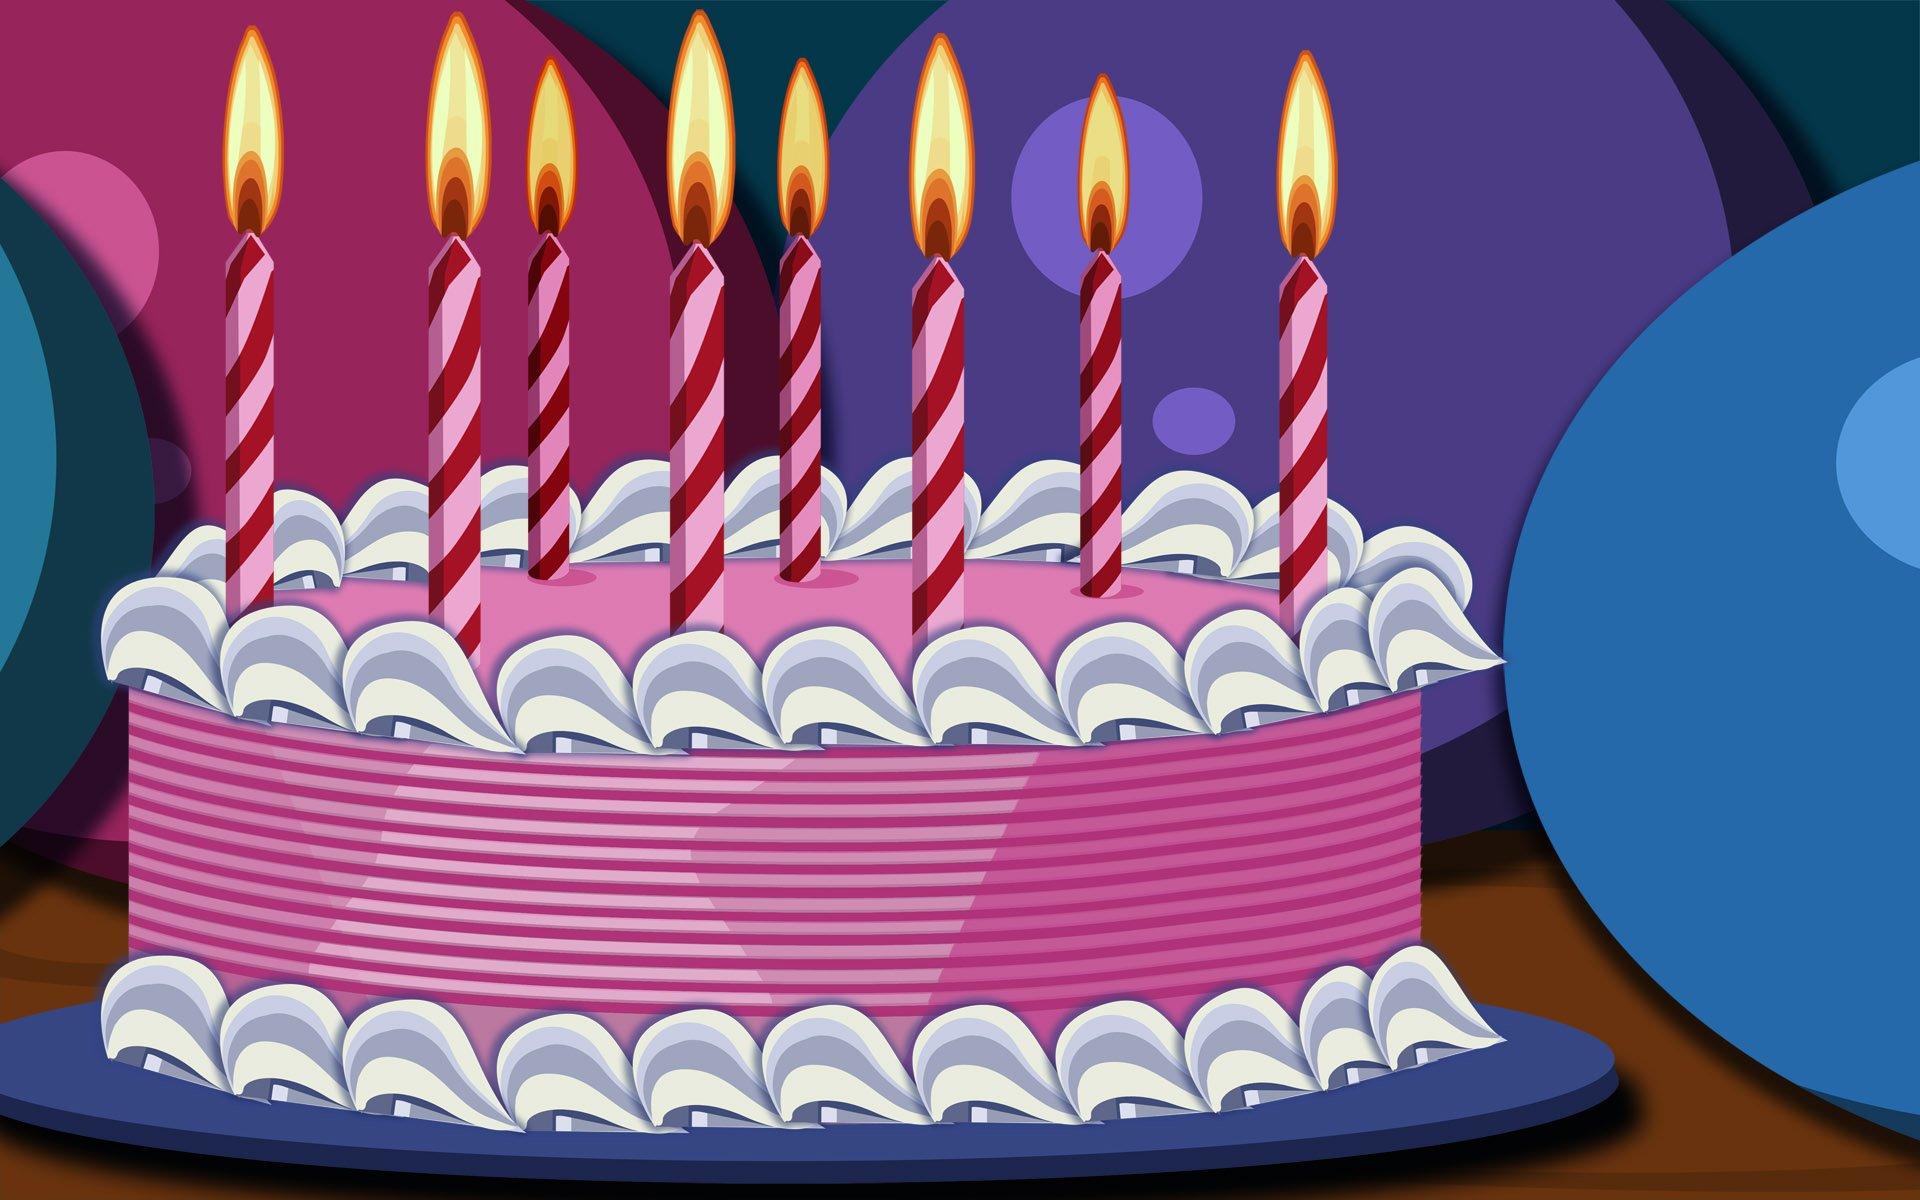 Free Happy Birthday Jpg ~ Image happy birthday cake g cytus wiki fandom